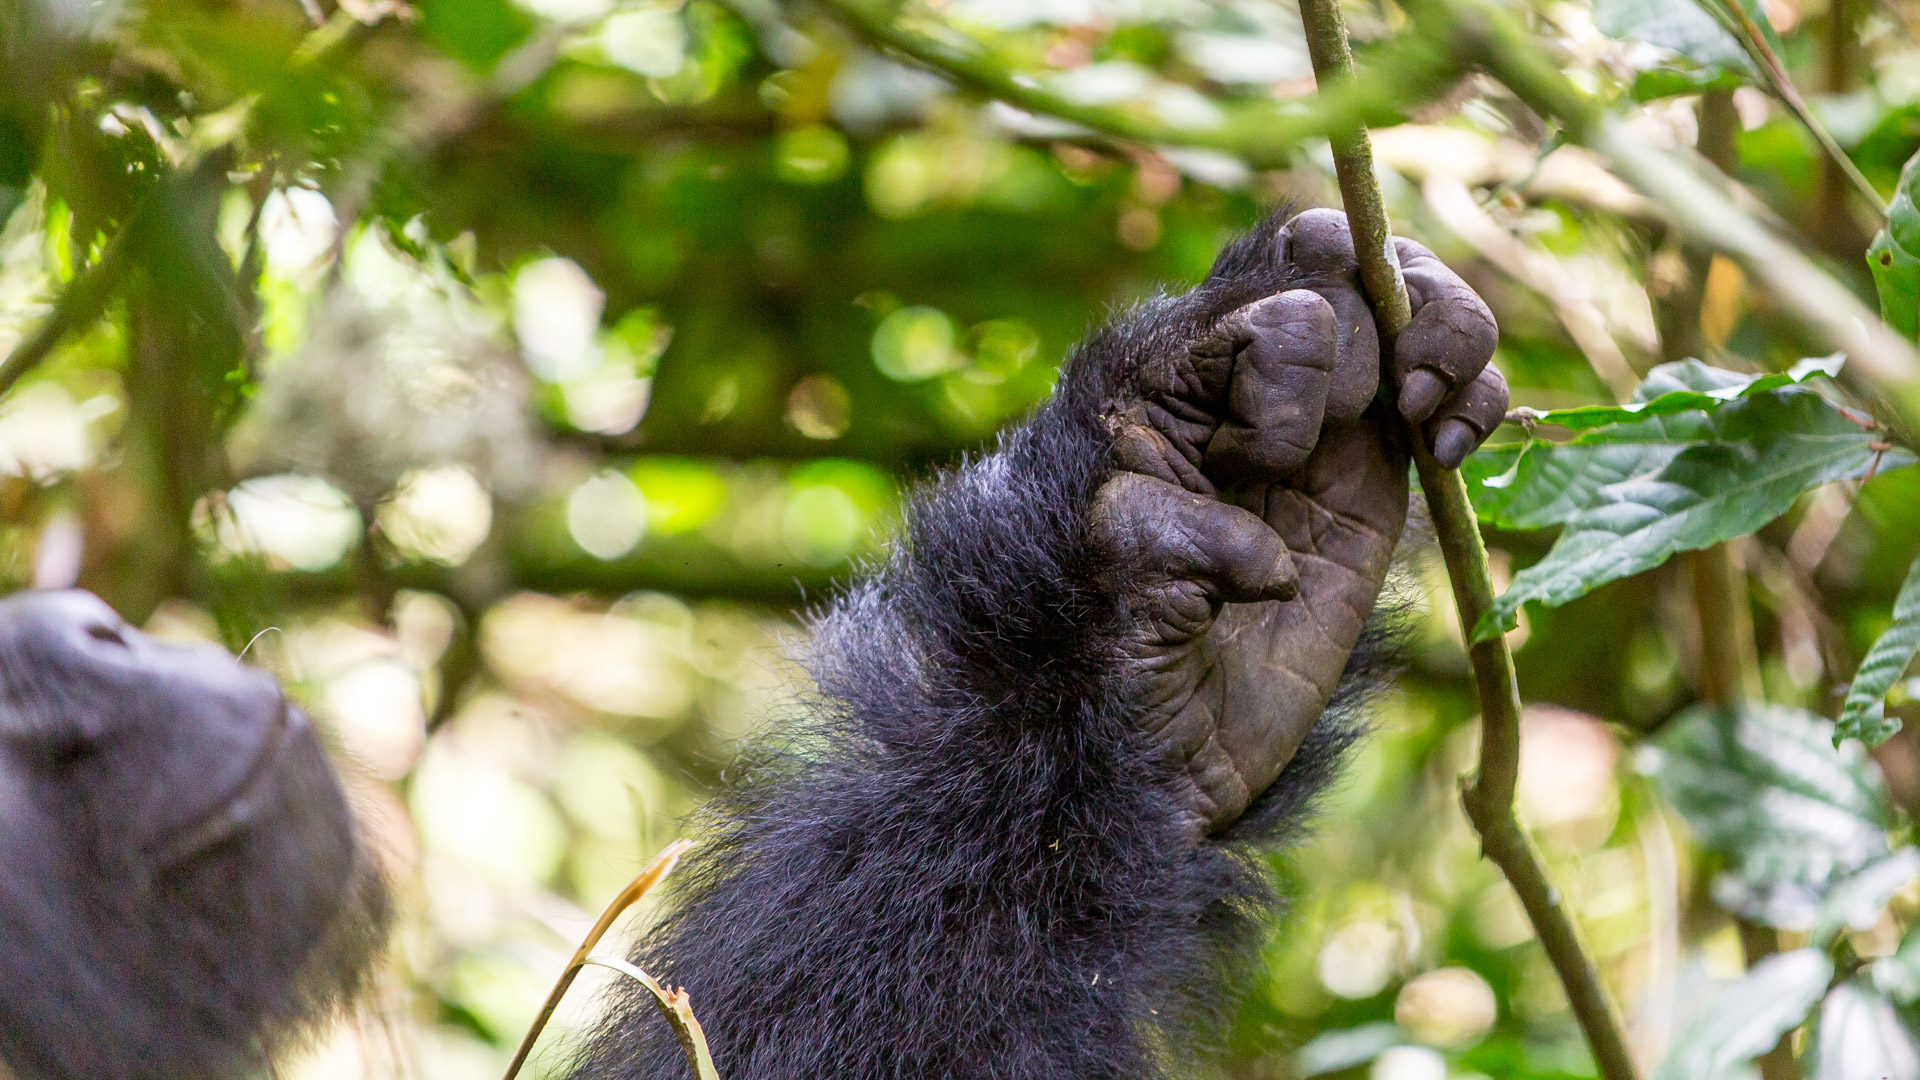 Gorillas ... hand